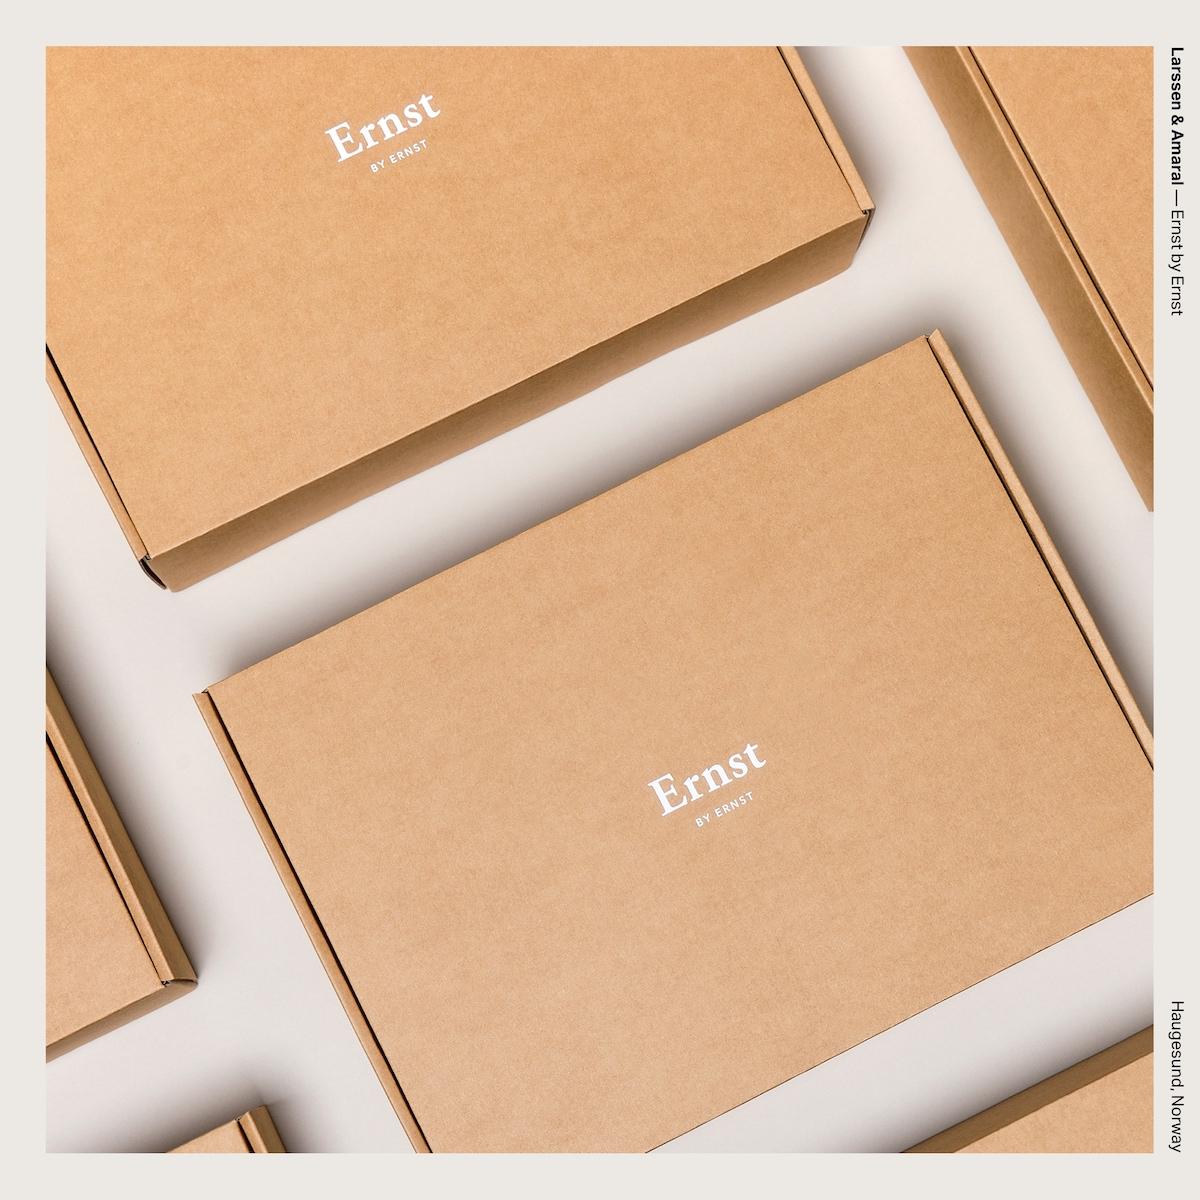 Larssen & Amaral — Ernst by Ernst